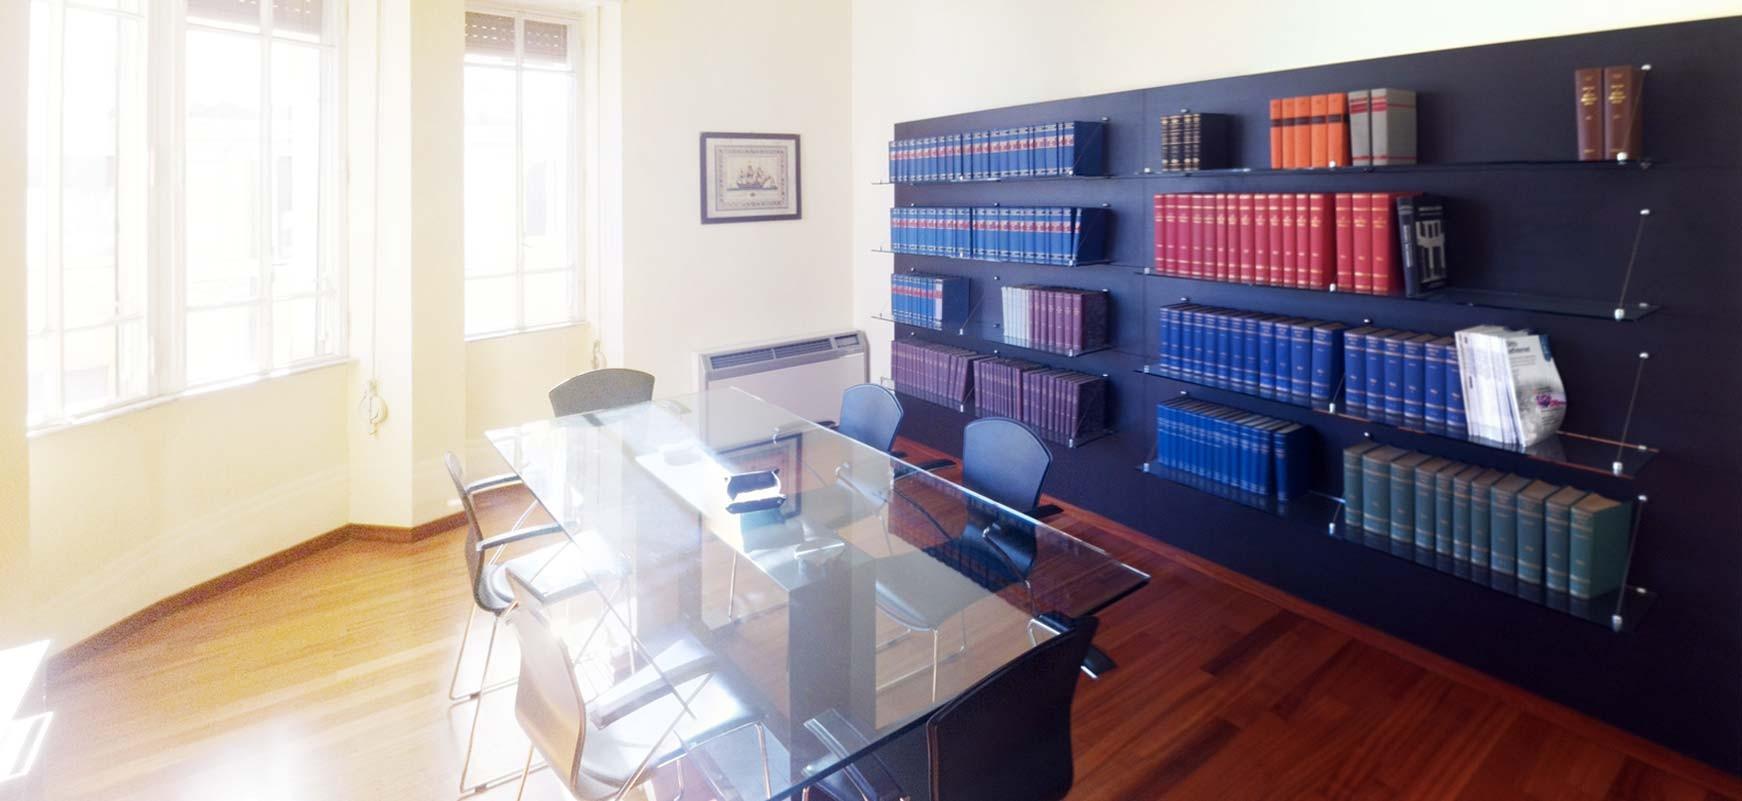 avvocato-penale-roma-e1432242059805